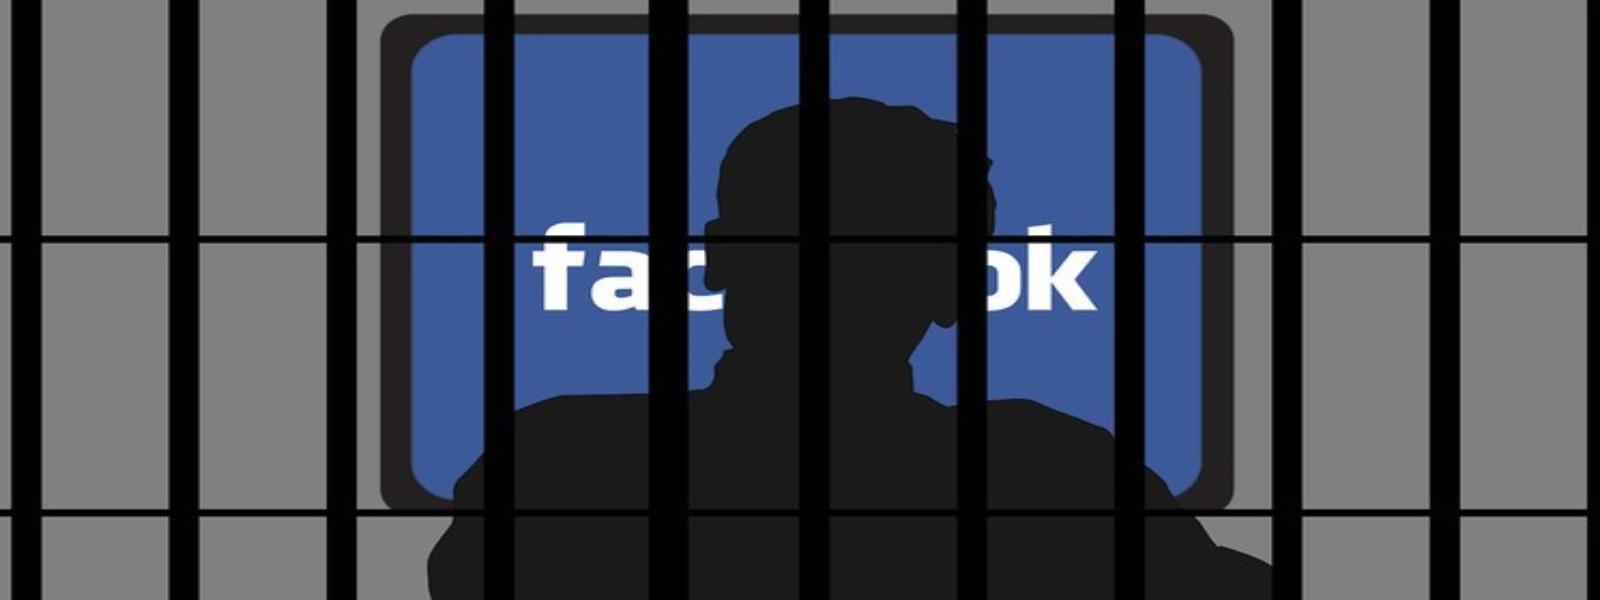 කැලෑ කැපීම් ගැන Facebook හරහා බොරු ප්රචාර කළ රජයේ නිලධාරියෙකු අත්අඩංගුවට..